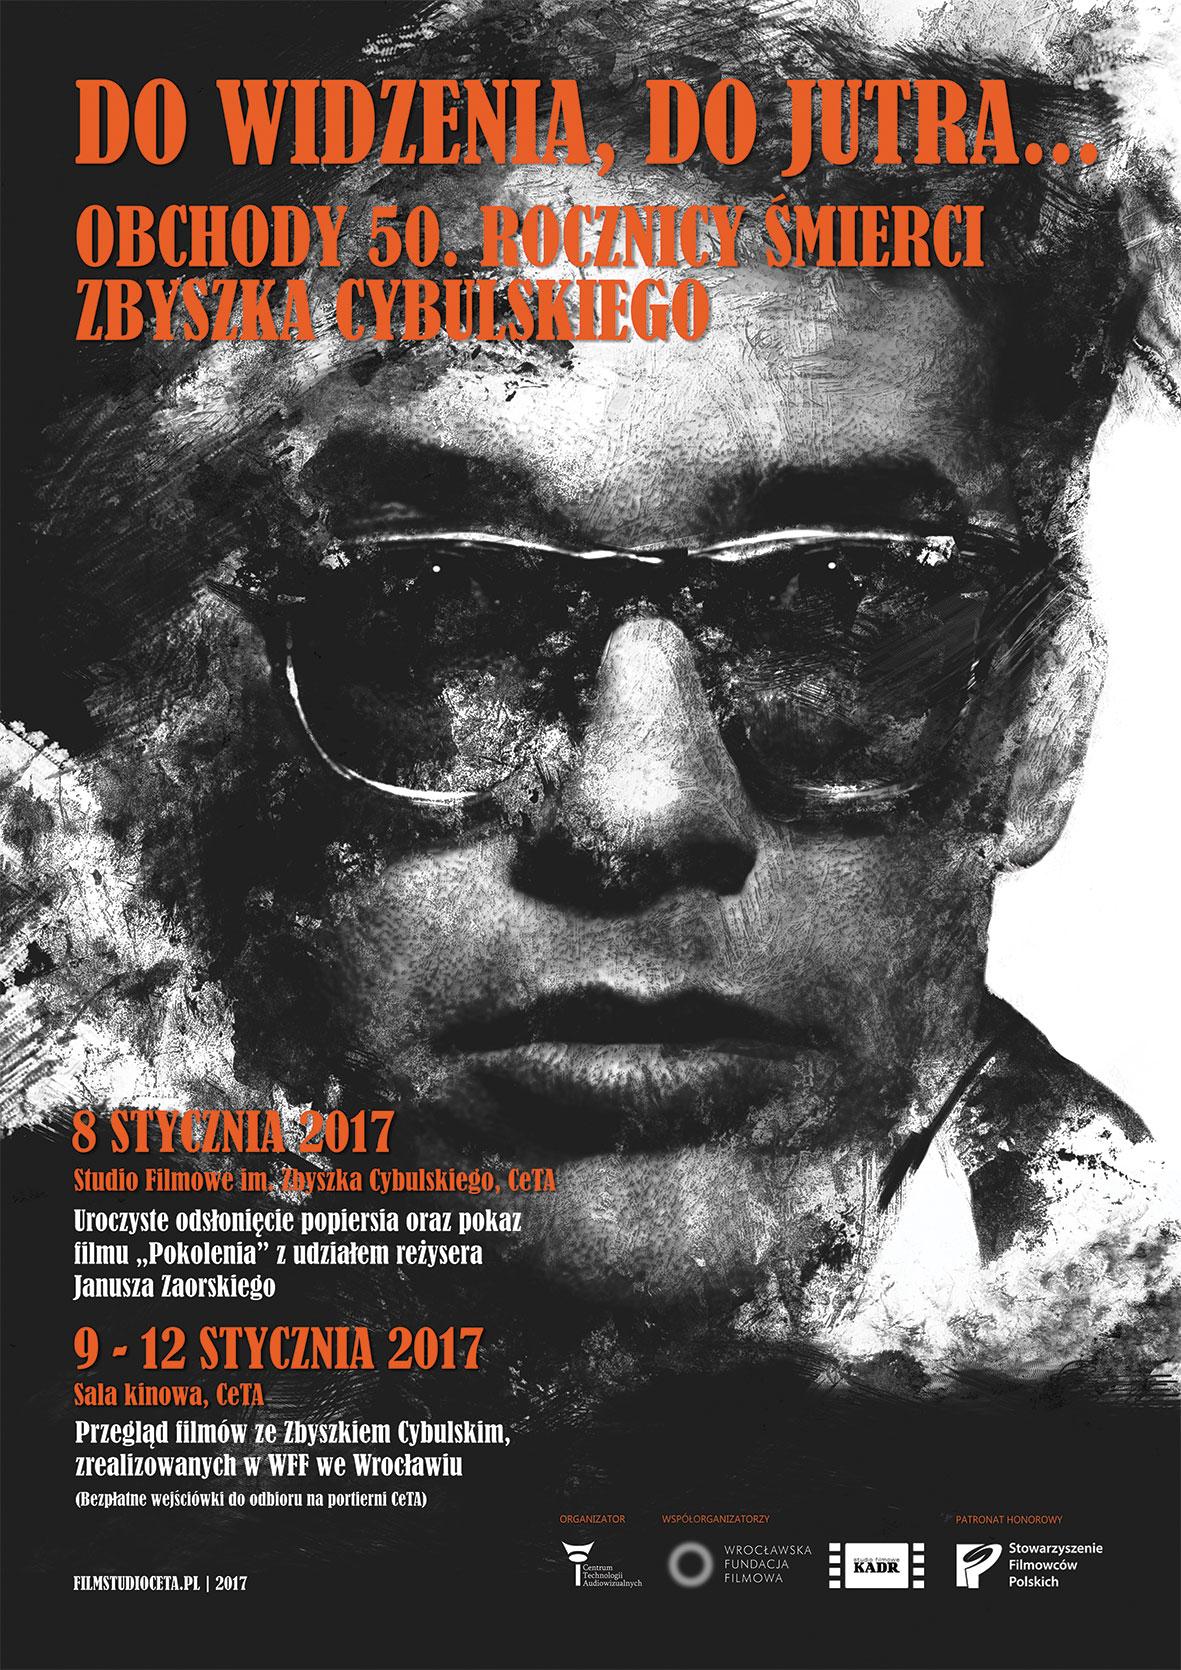 """""""Obchody 50. rocznicy śmierci Zbyszka Cybulskiego"""" (źródło: materiały prasowe organizatora)"""